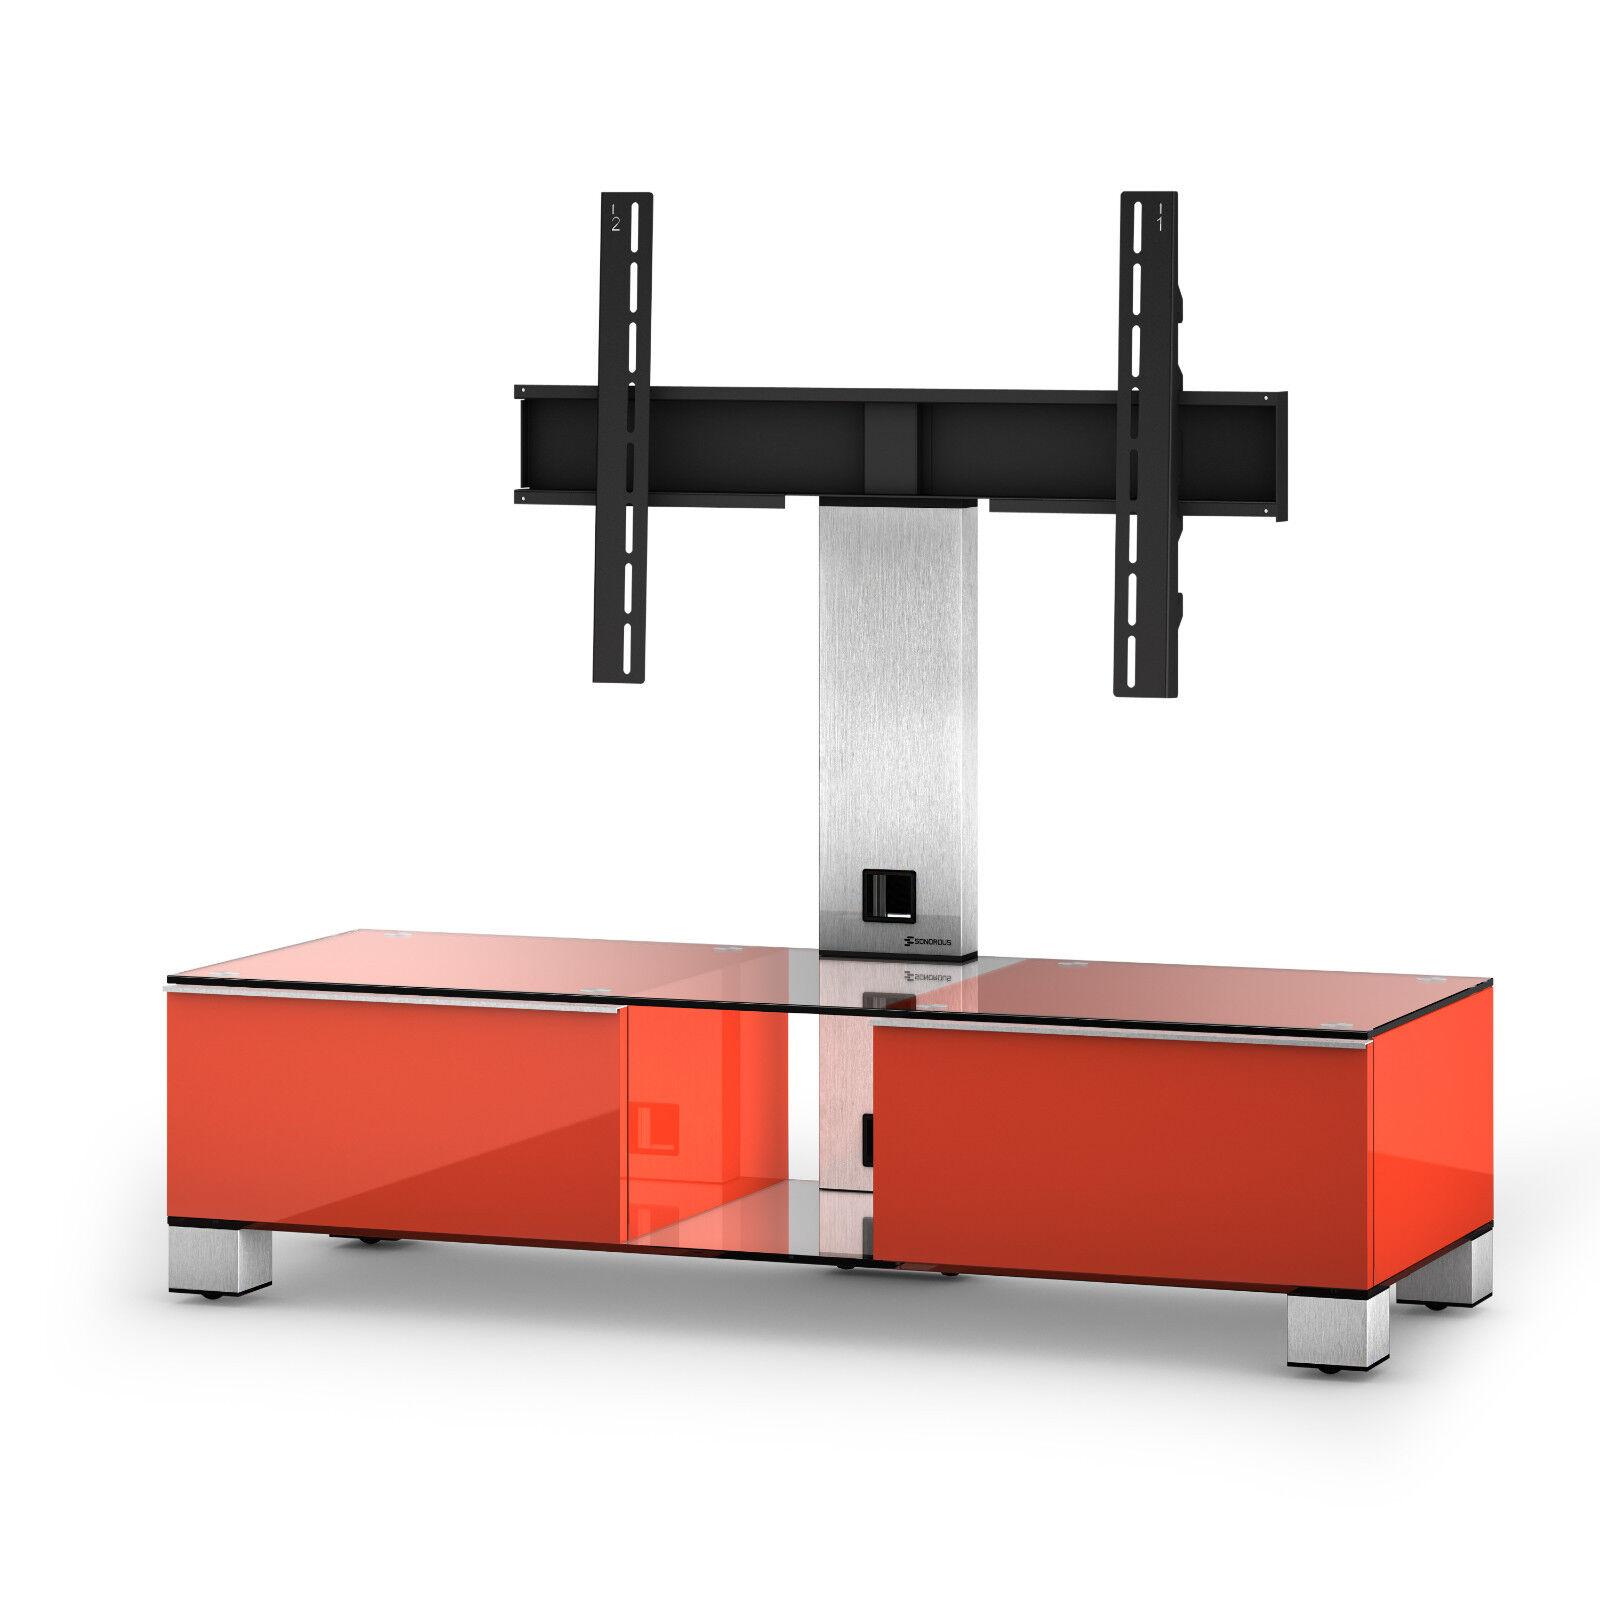 SonGoldus MD 8120-C-INX-rot TV-Möbel Fernsehtisch für 50  Fernseher rot, rot, rot, 120 cm 7cc3d2